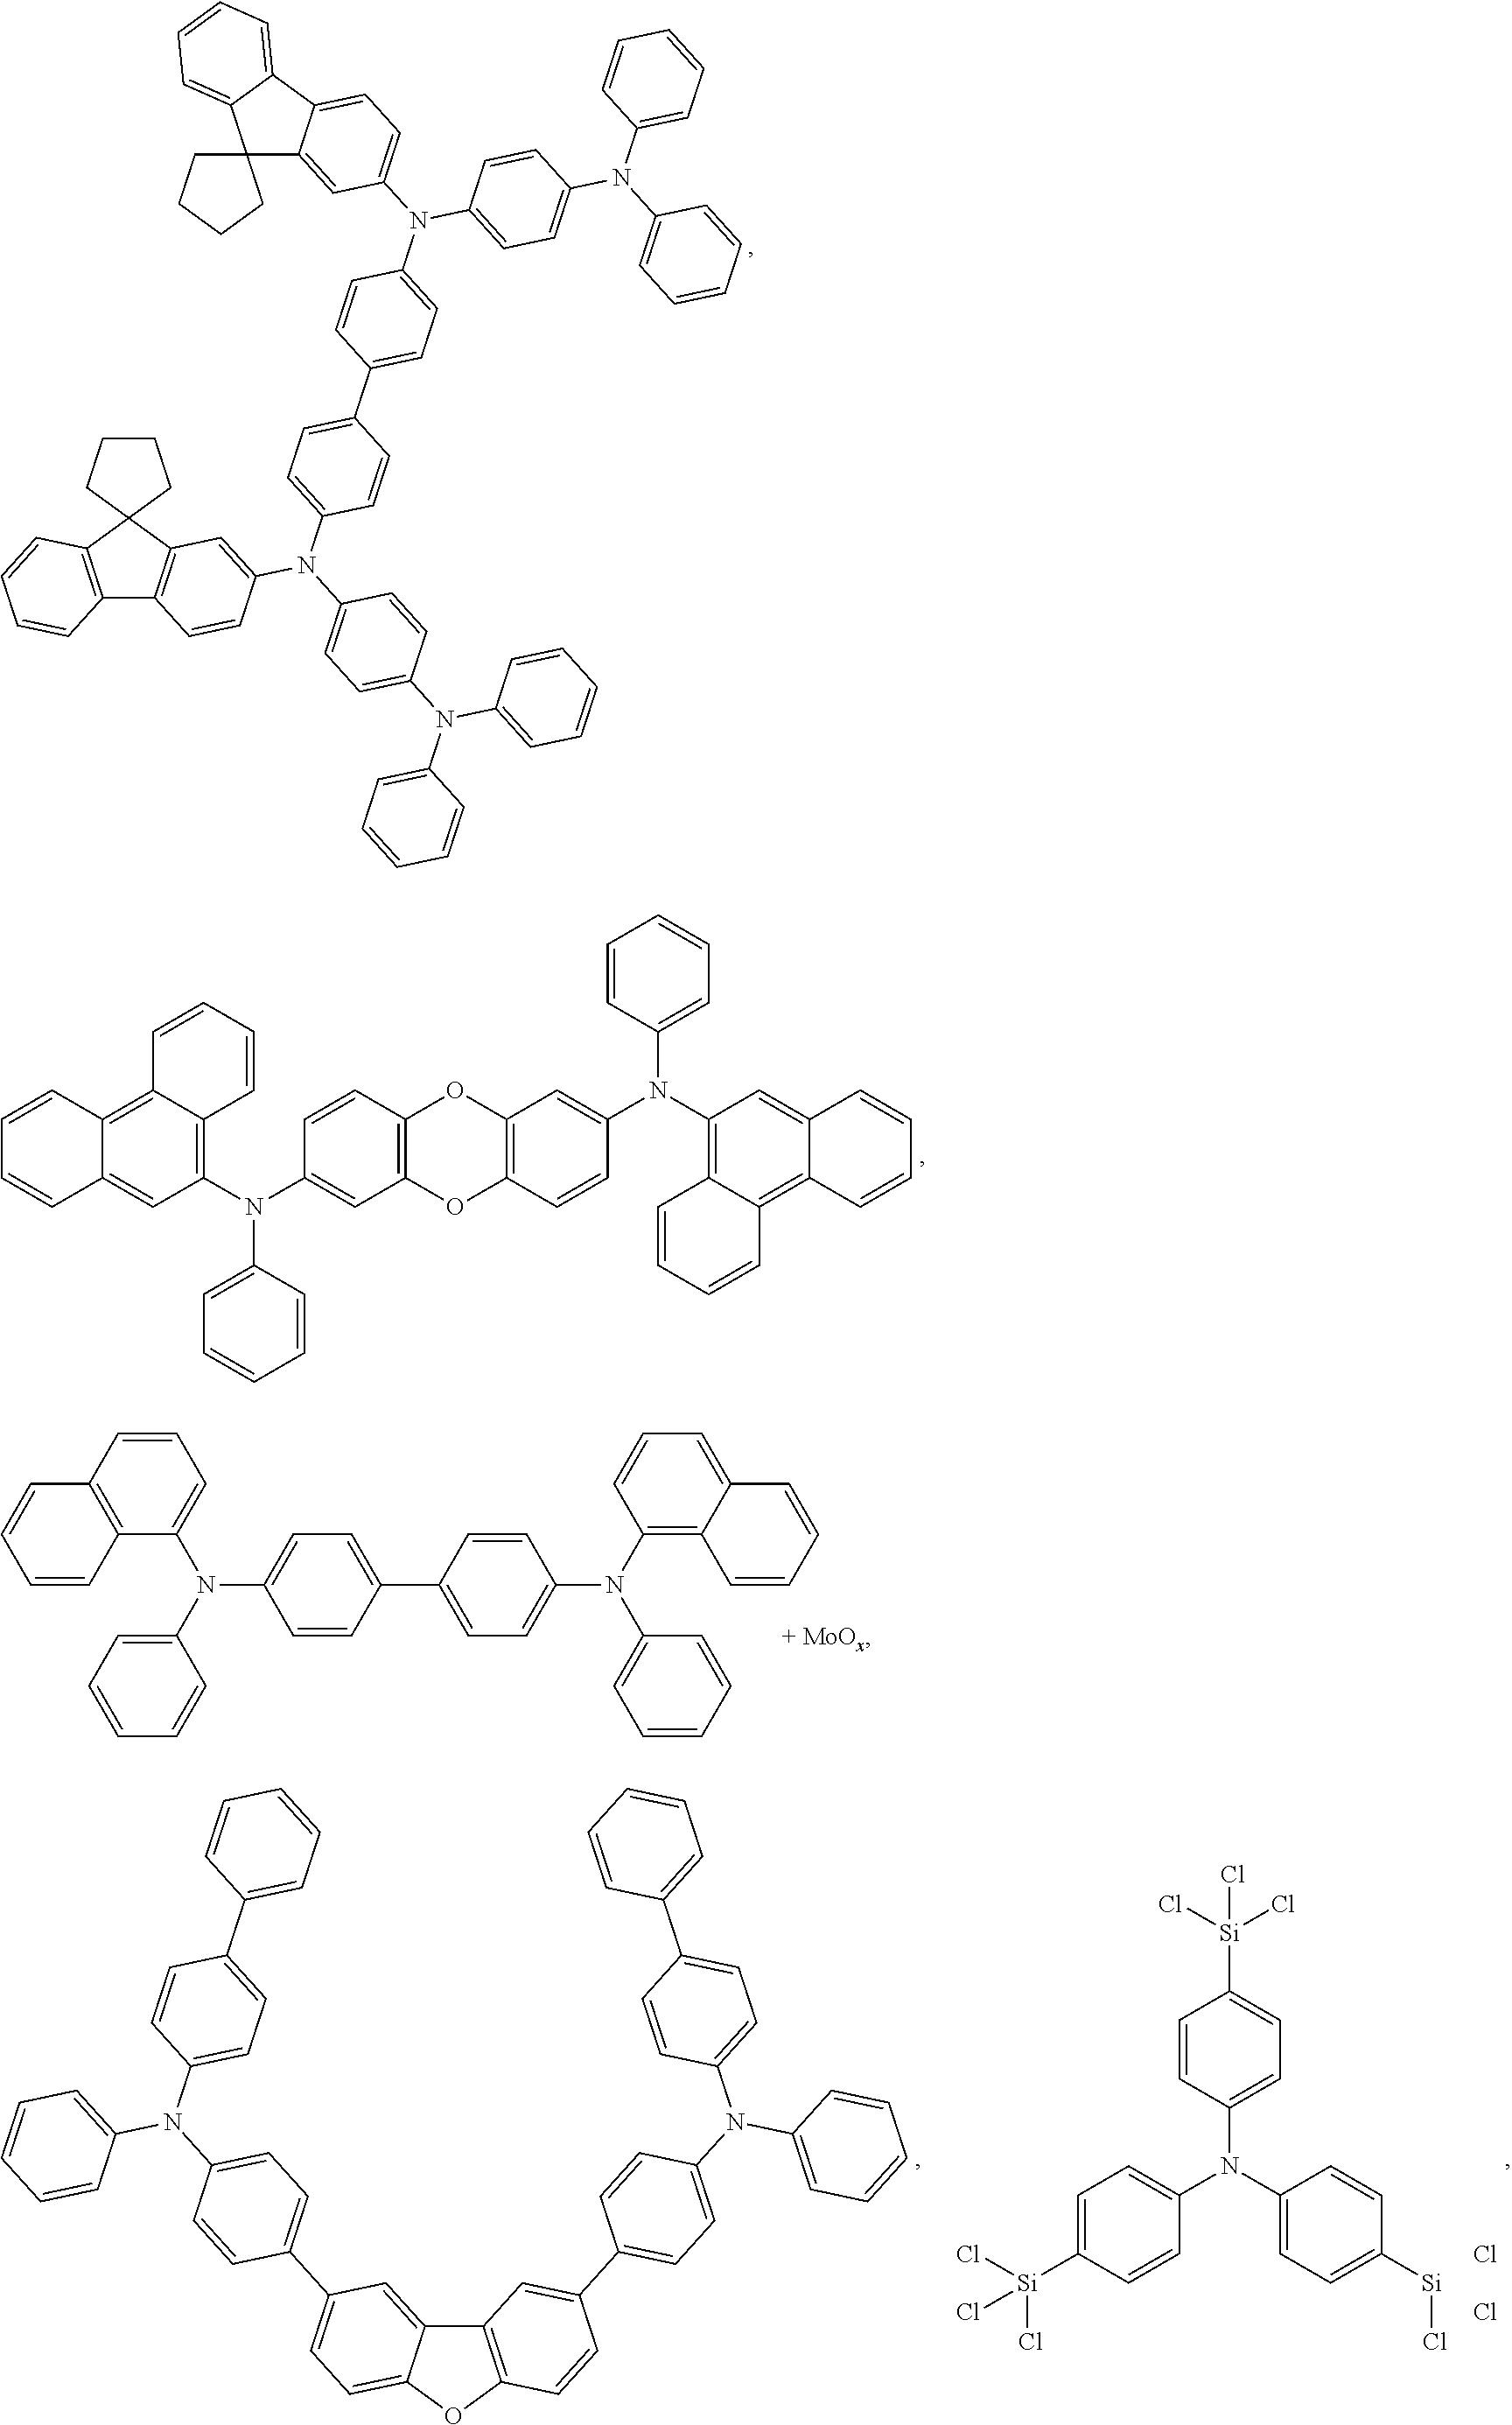 Figure US20190161504A1-20190530-C00027